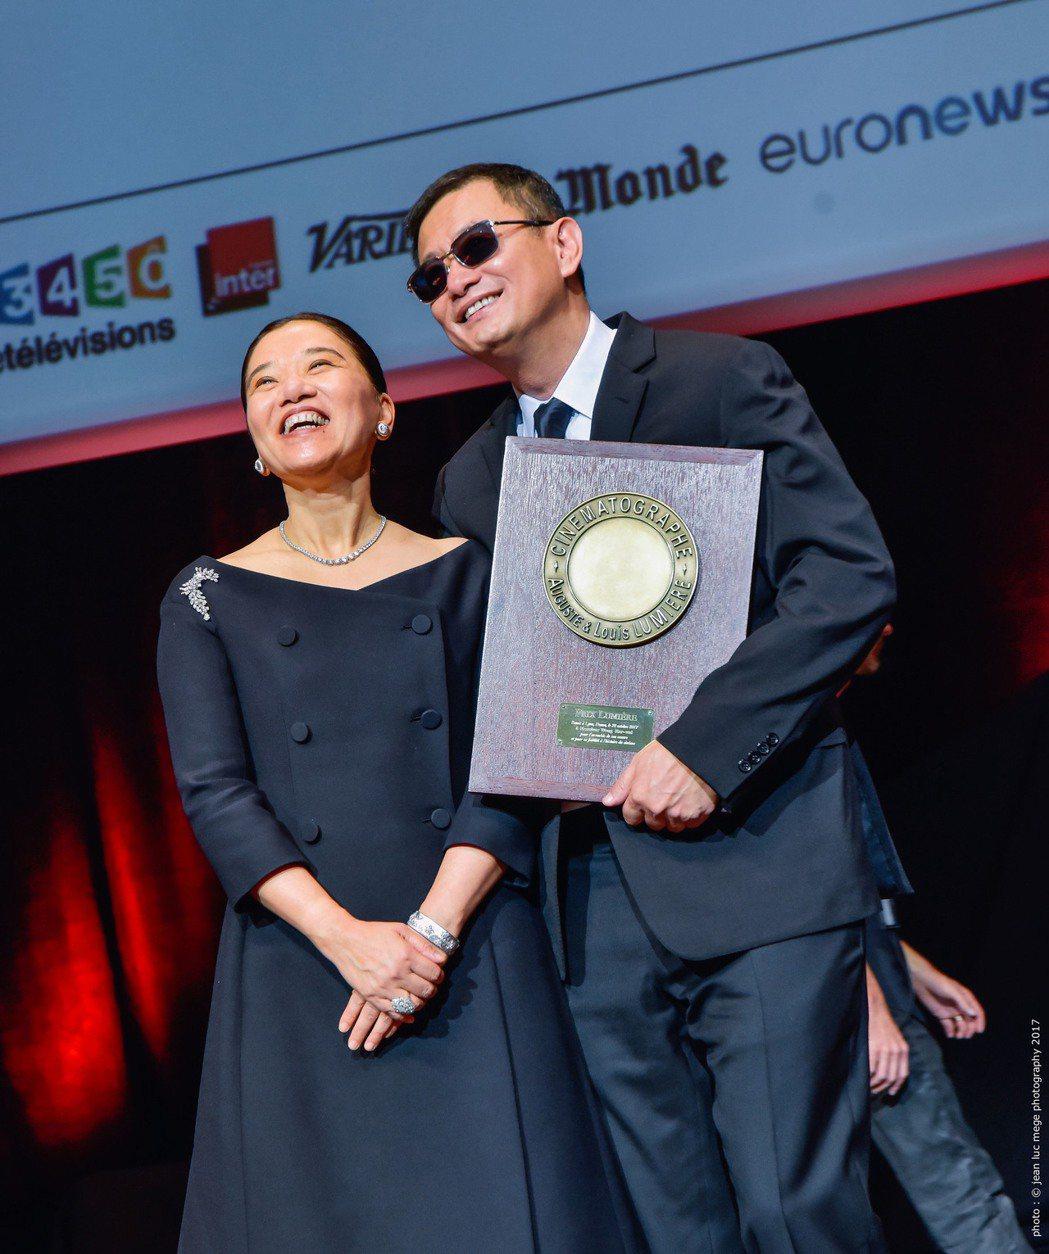 王家衛(右)與愛妻Esther Wong(左)同台共享榮譽。圖/澤東提供